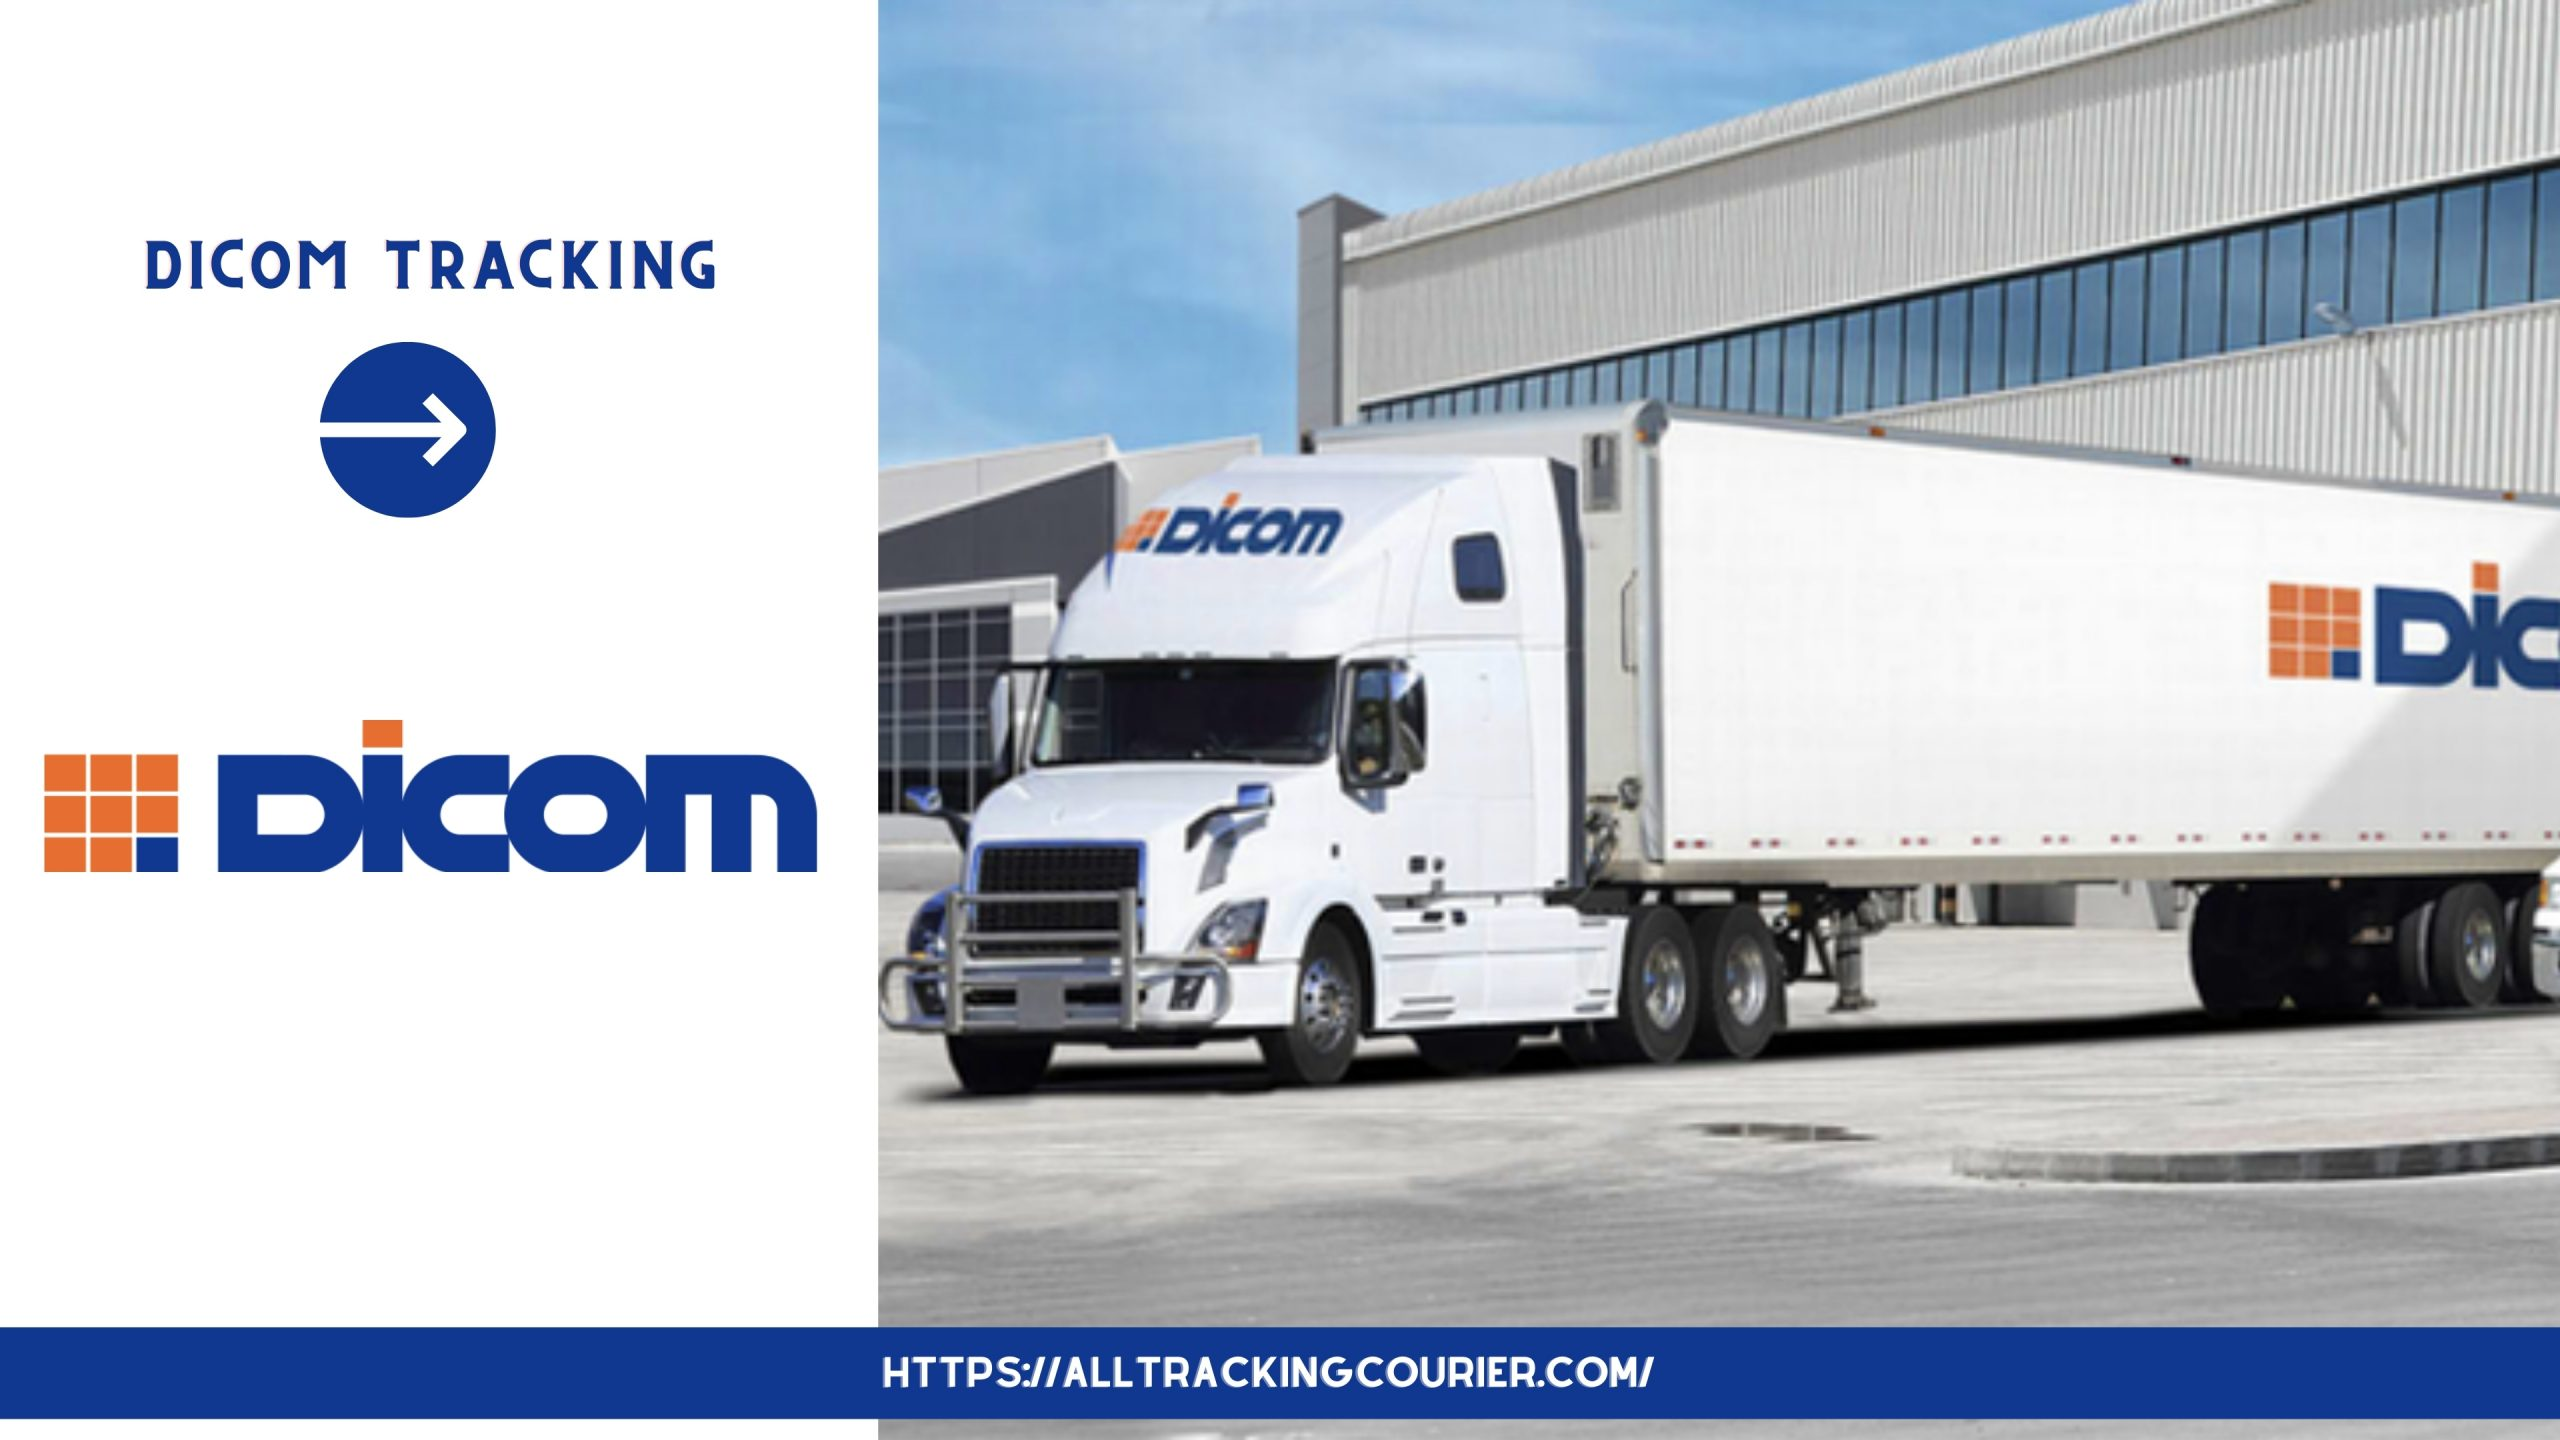 DICOM Tracking